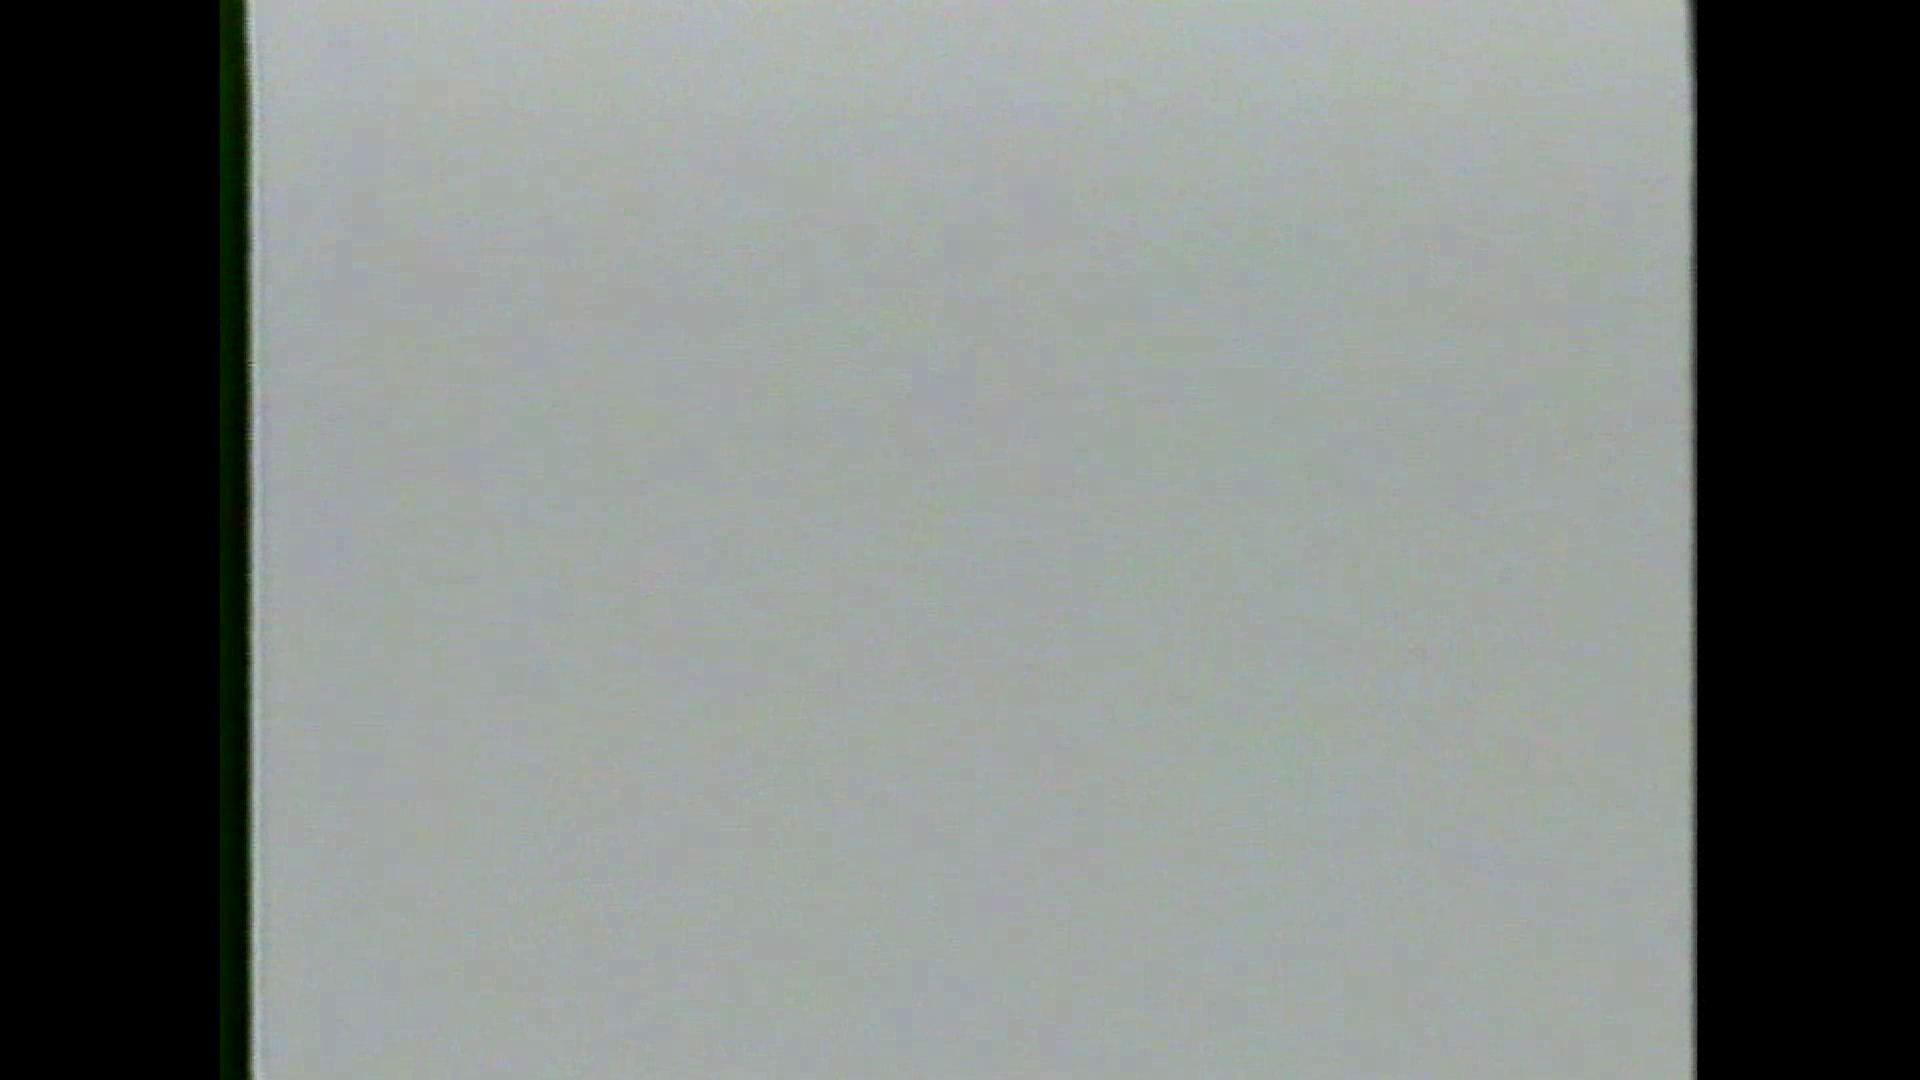 MADOKAさんのズリネタコレクションVol.12-1 ゲイマニア  67pic 51